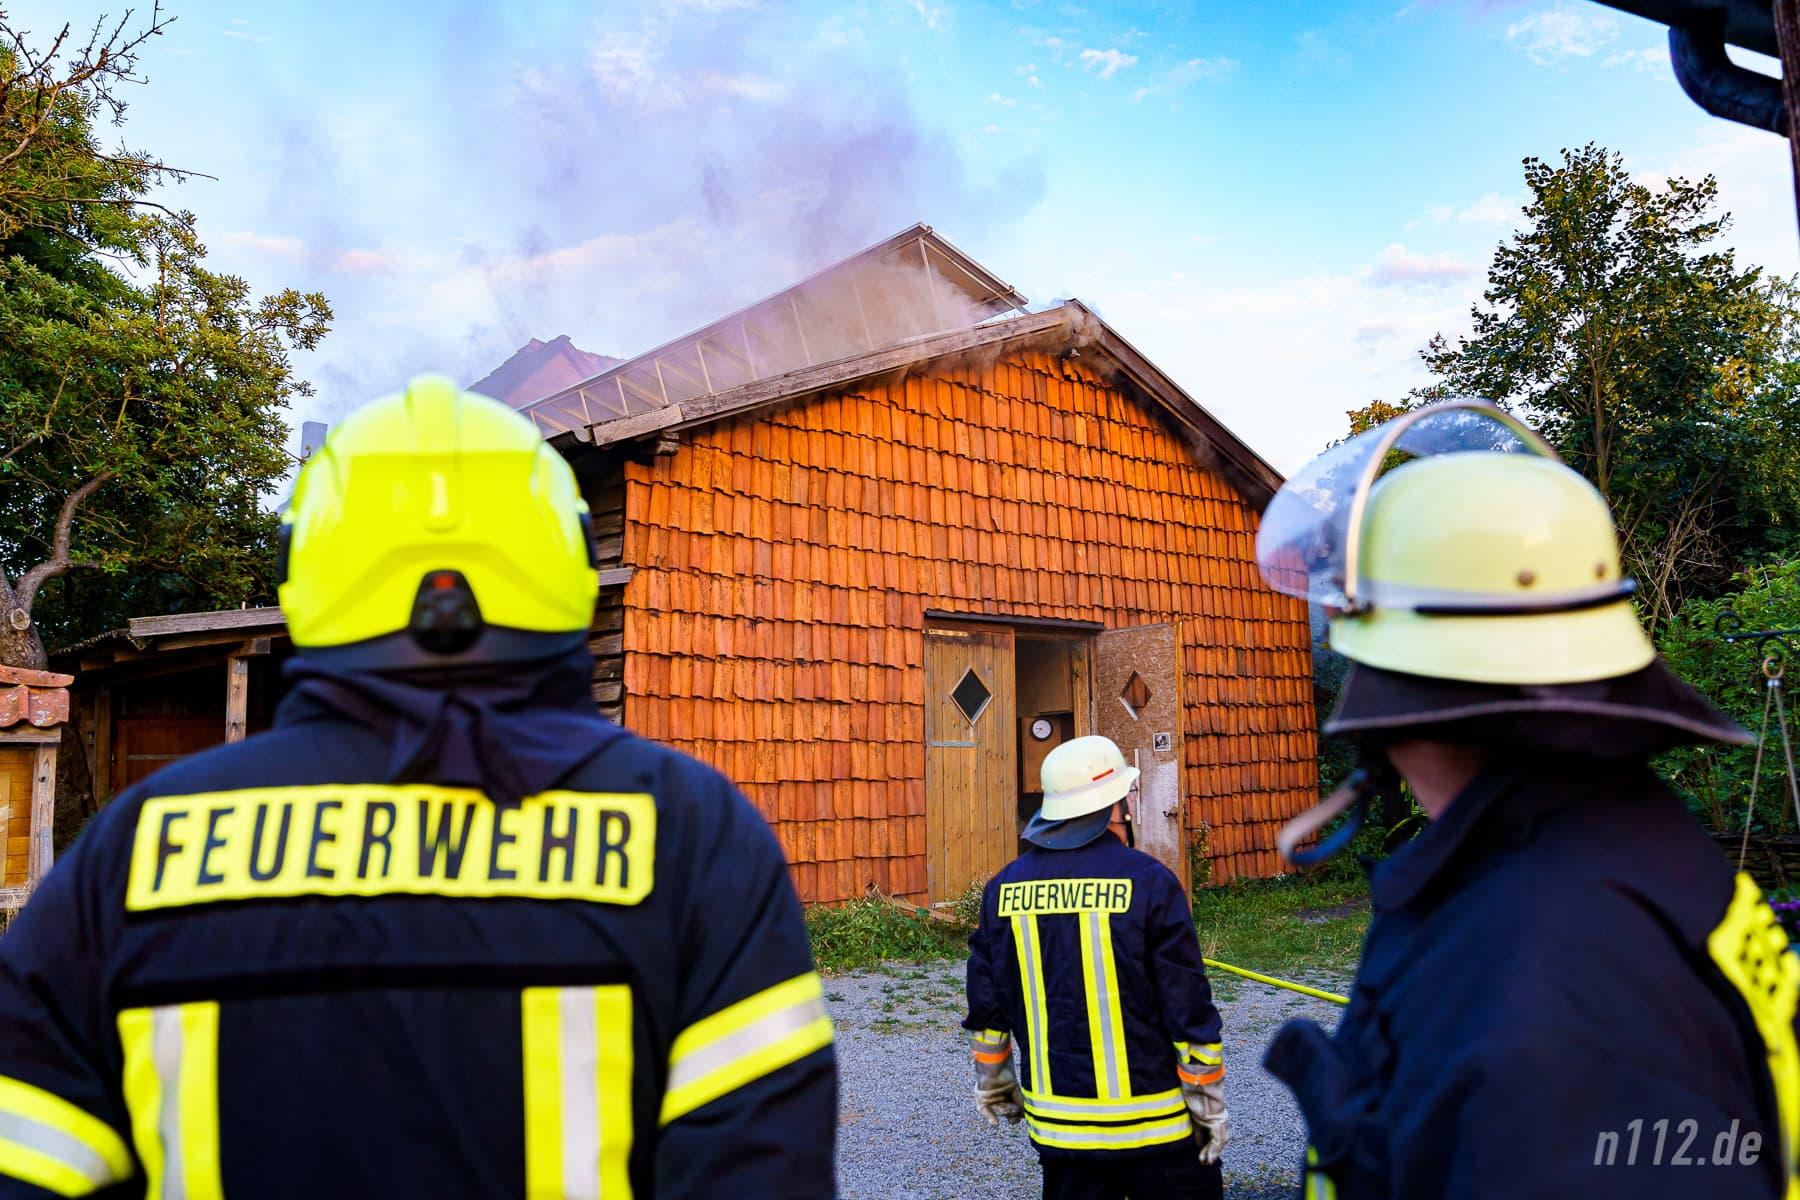 Qualm dringt aus der Werkstatt-Scheune: Das Feuer hatte sich unter das Dach gefressen! (Foto: n112.de/Stefan Simonsen)